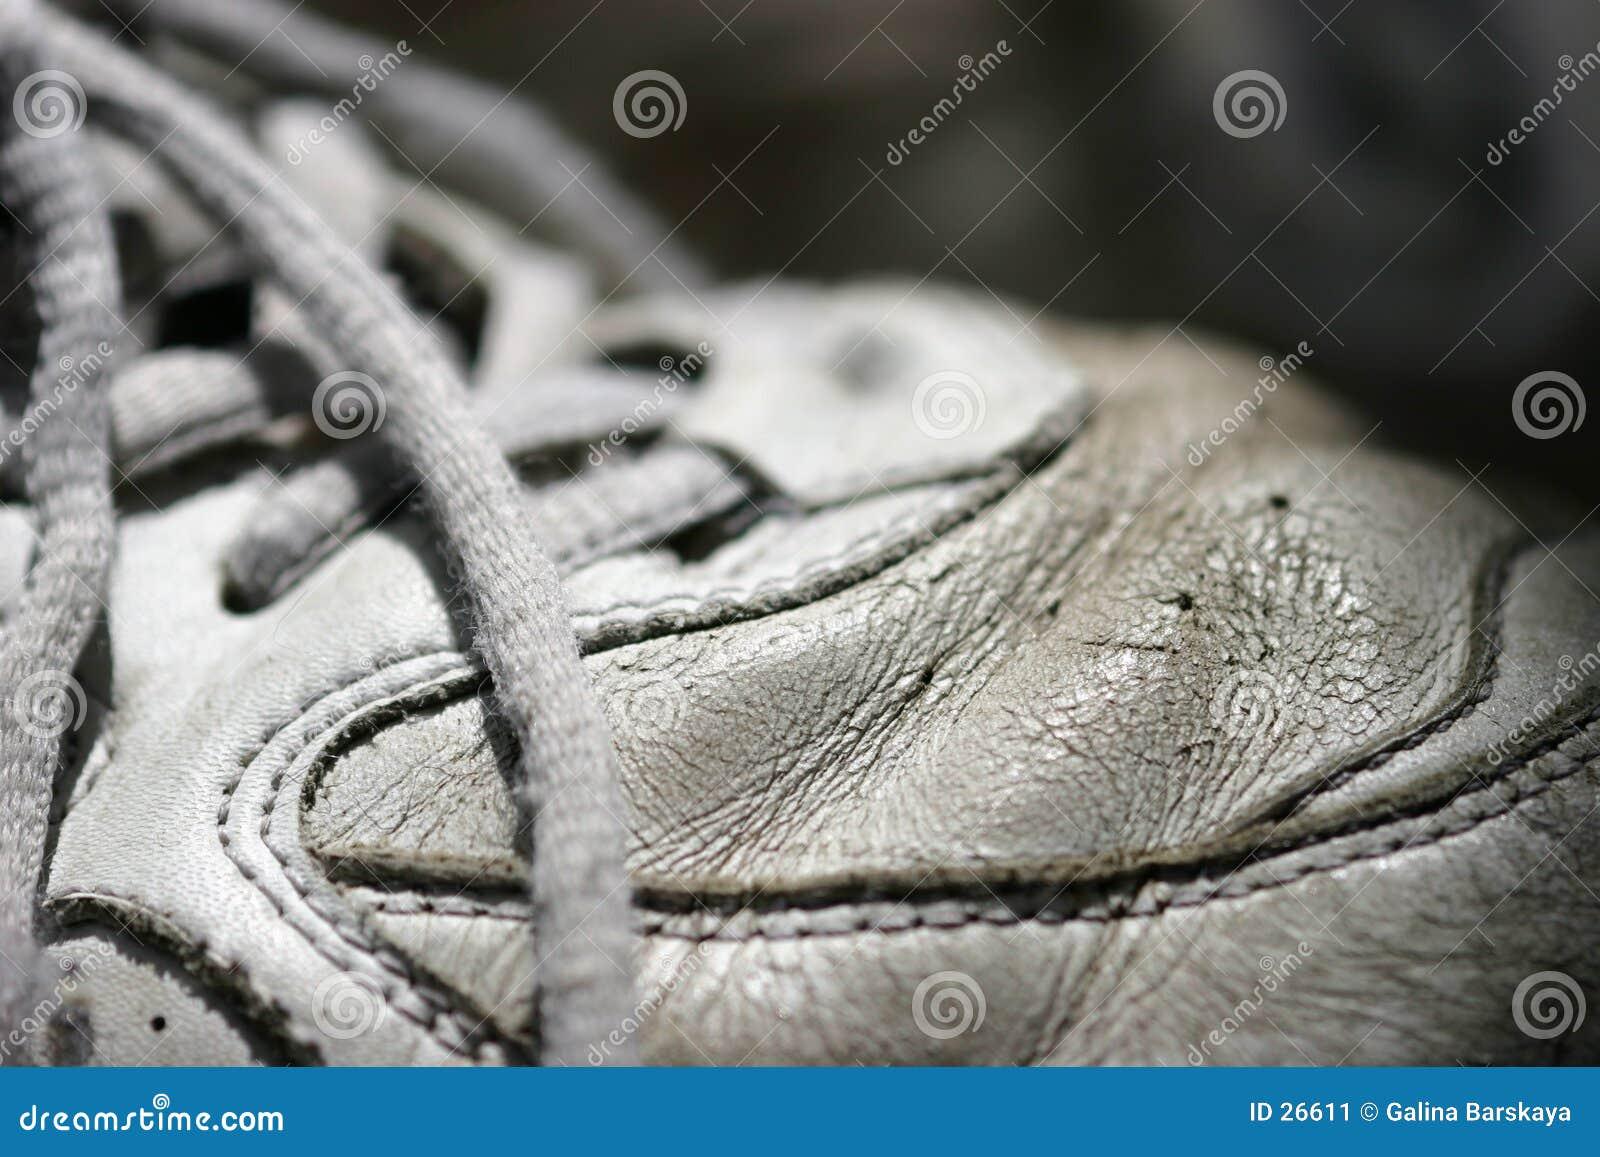 Vieille chaussure de tennis